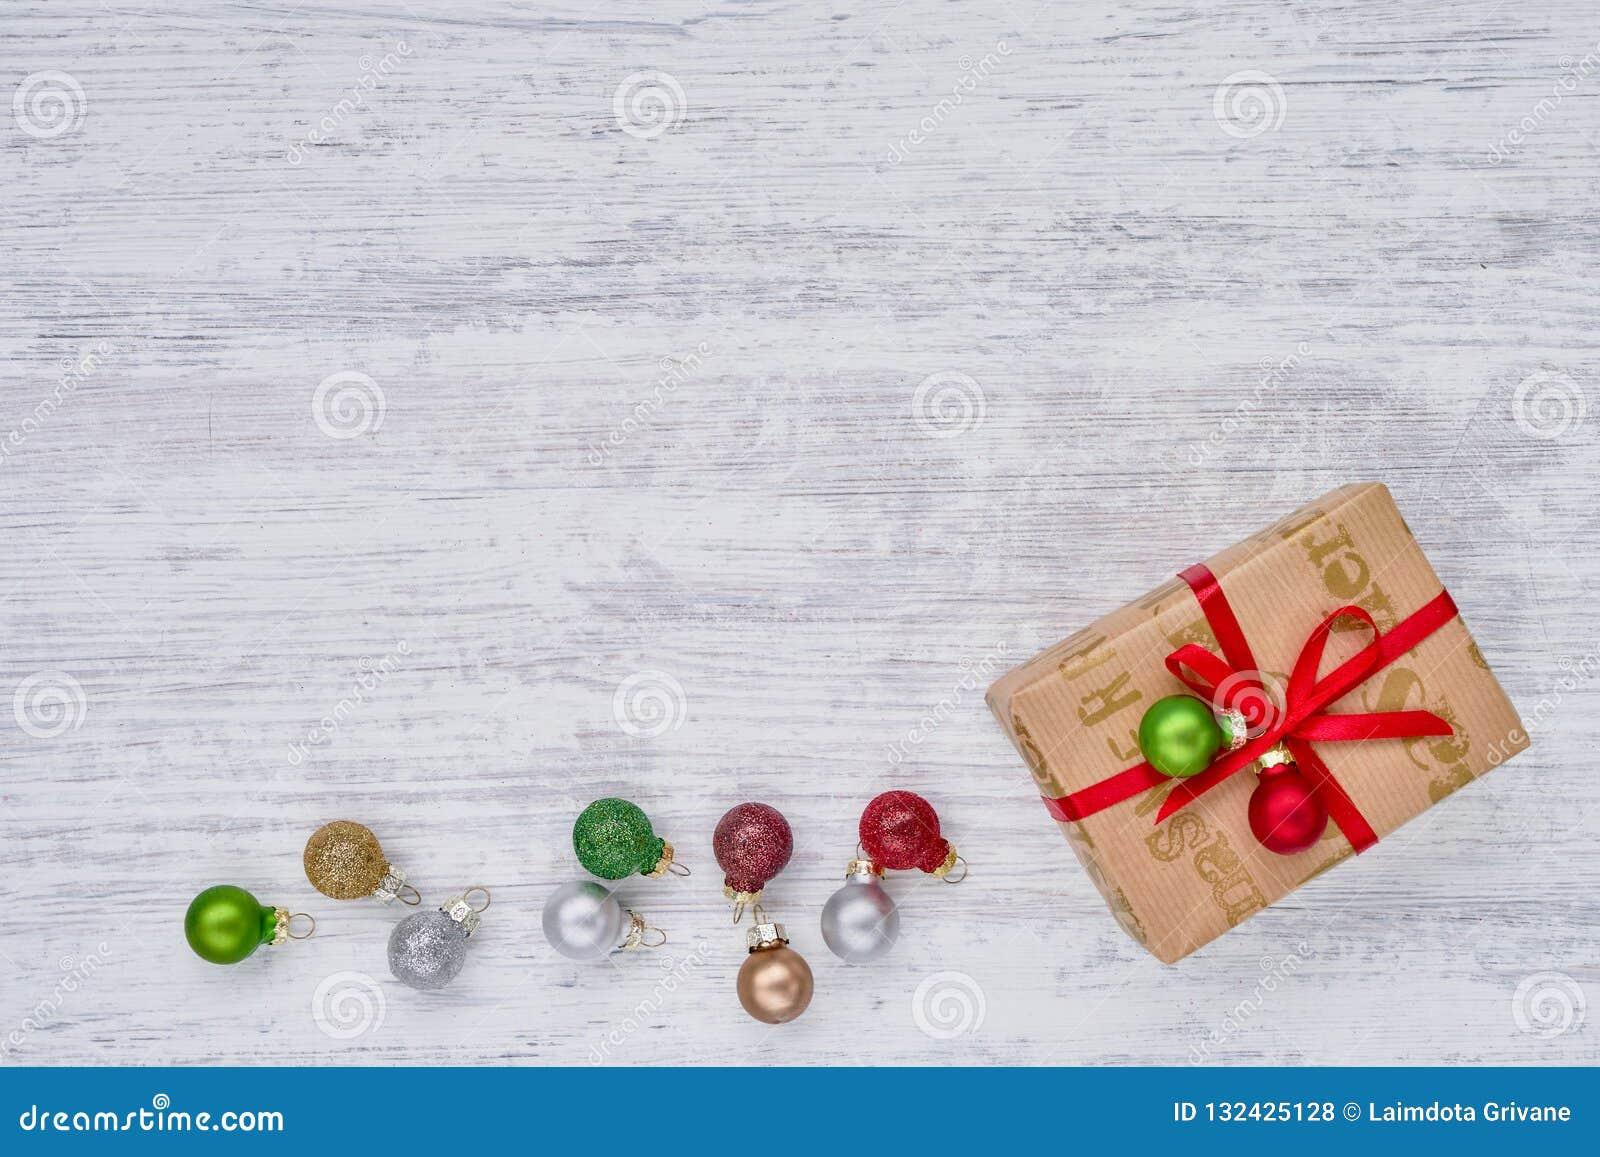 礼物盒和圣诞节装饰品在白色背景 复制空间,顶视图